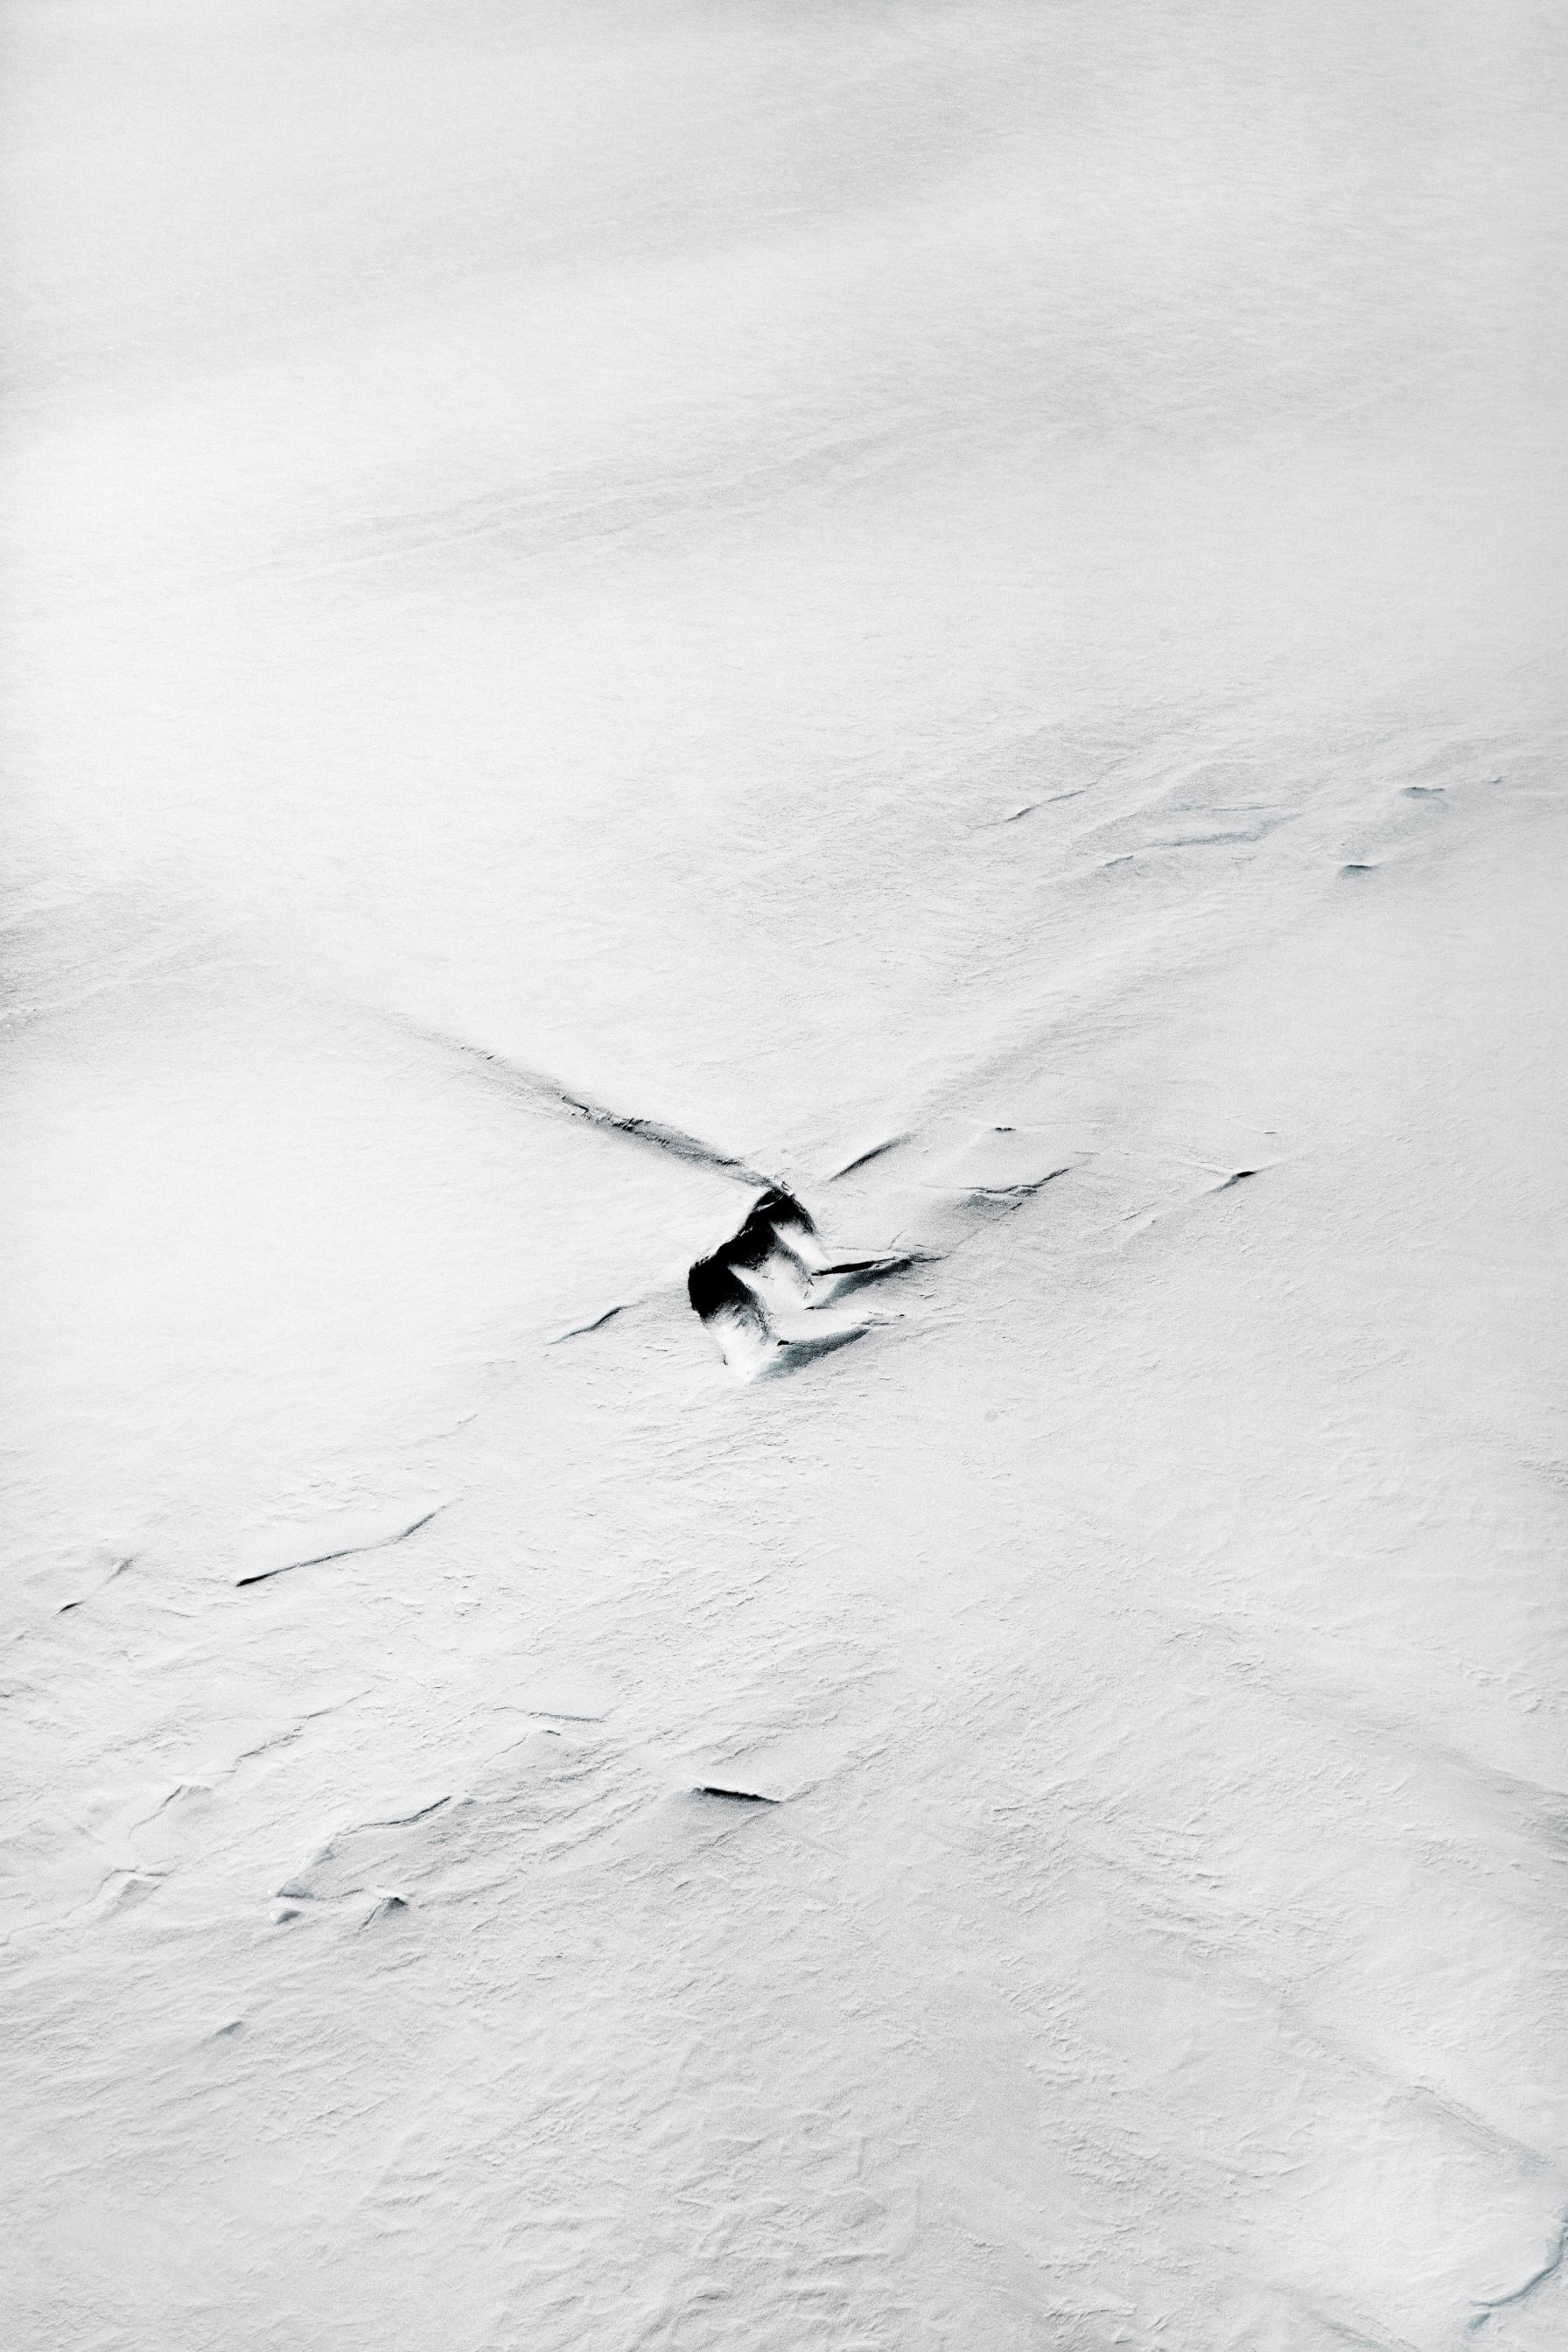 Antartide, 2017